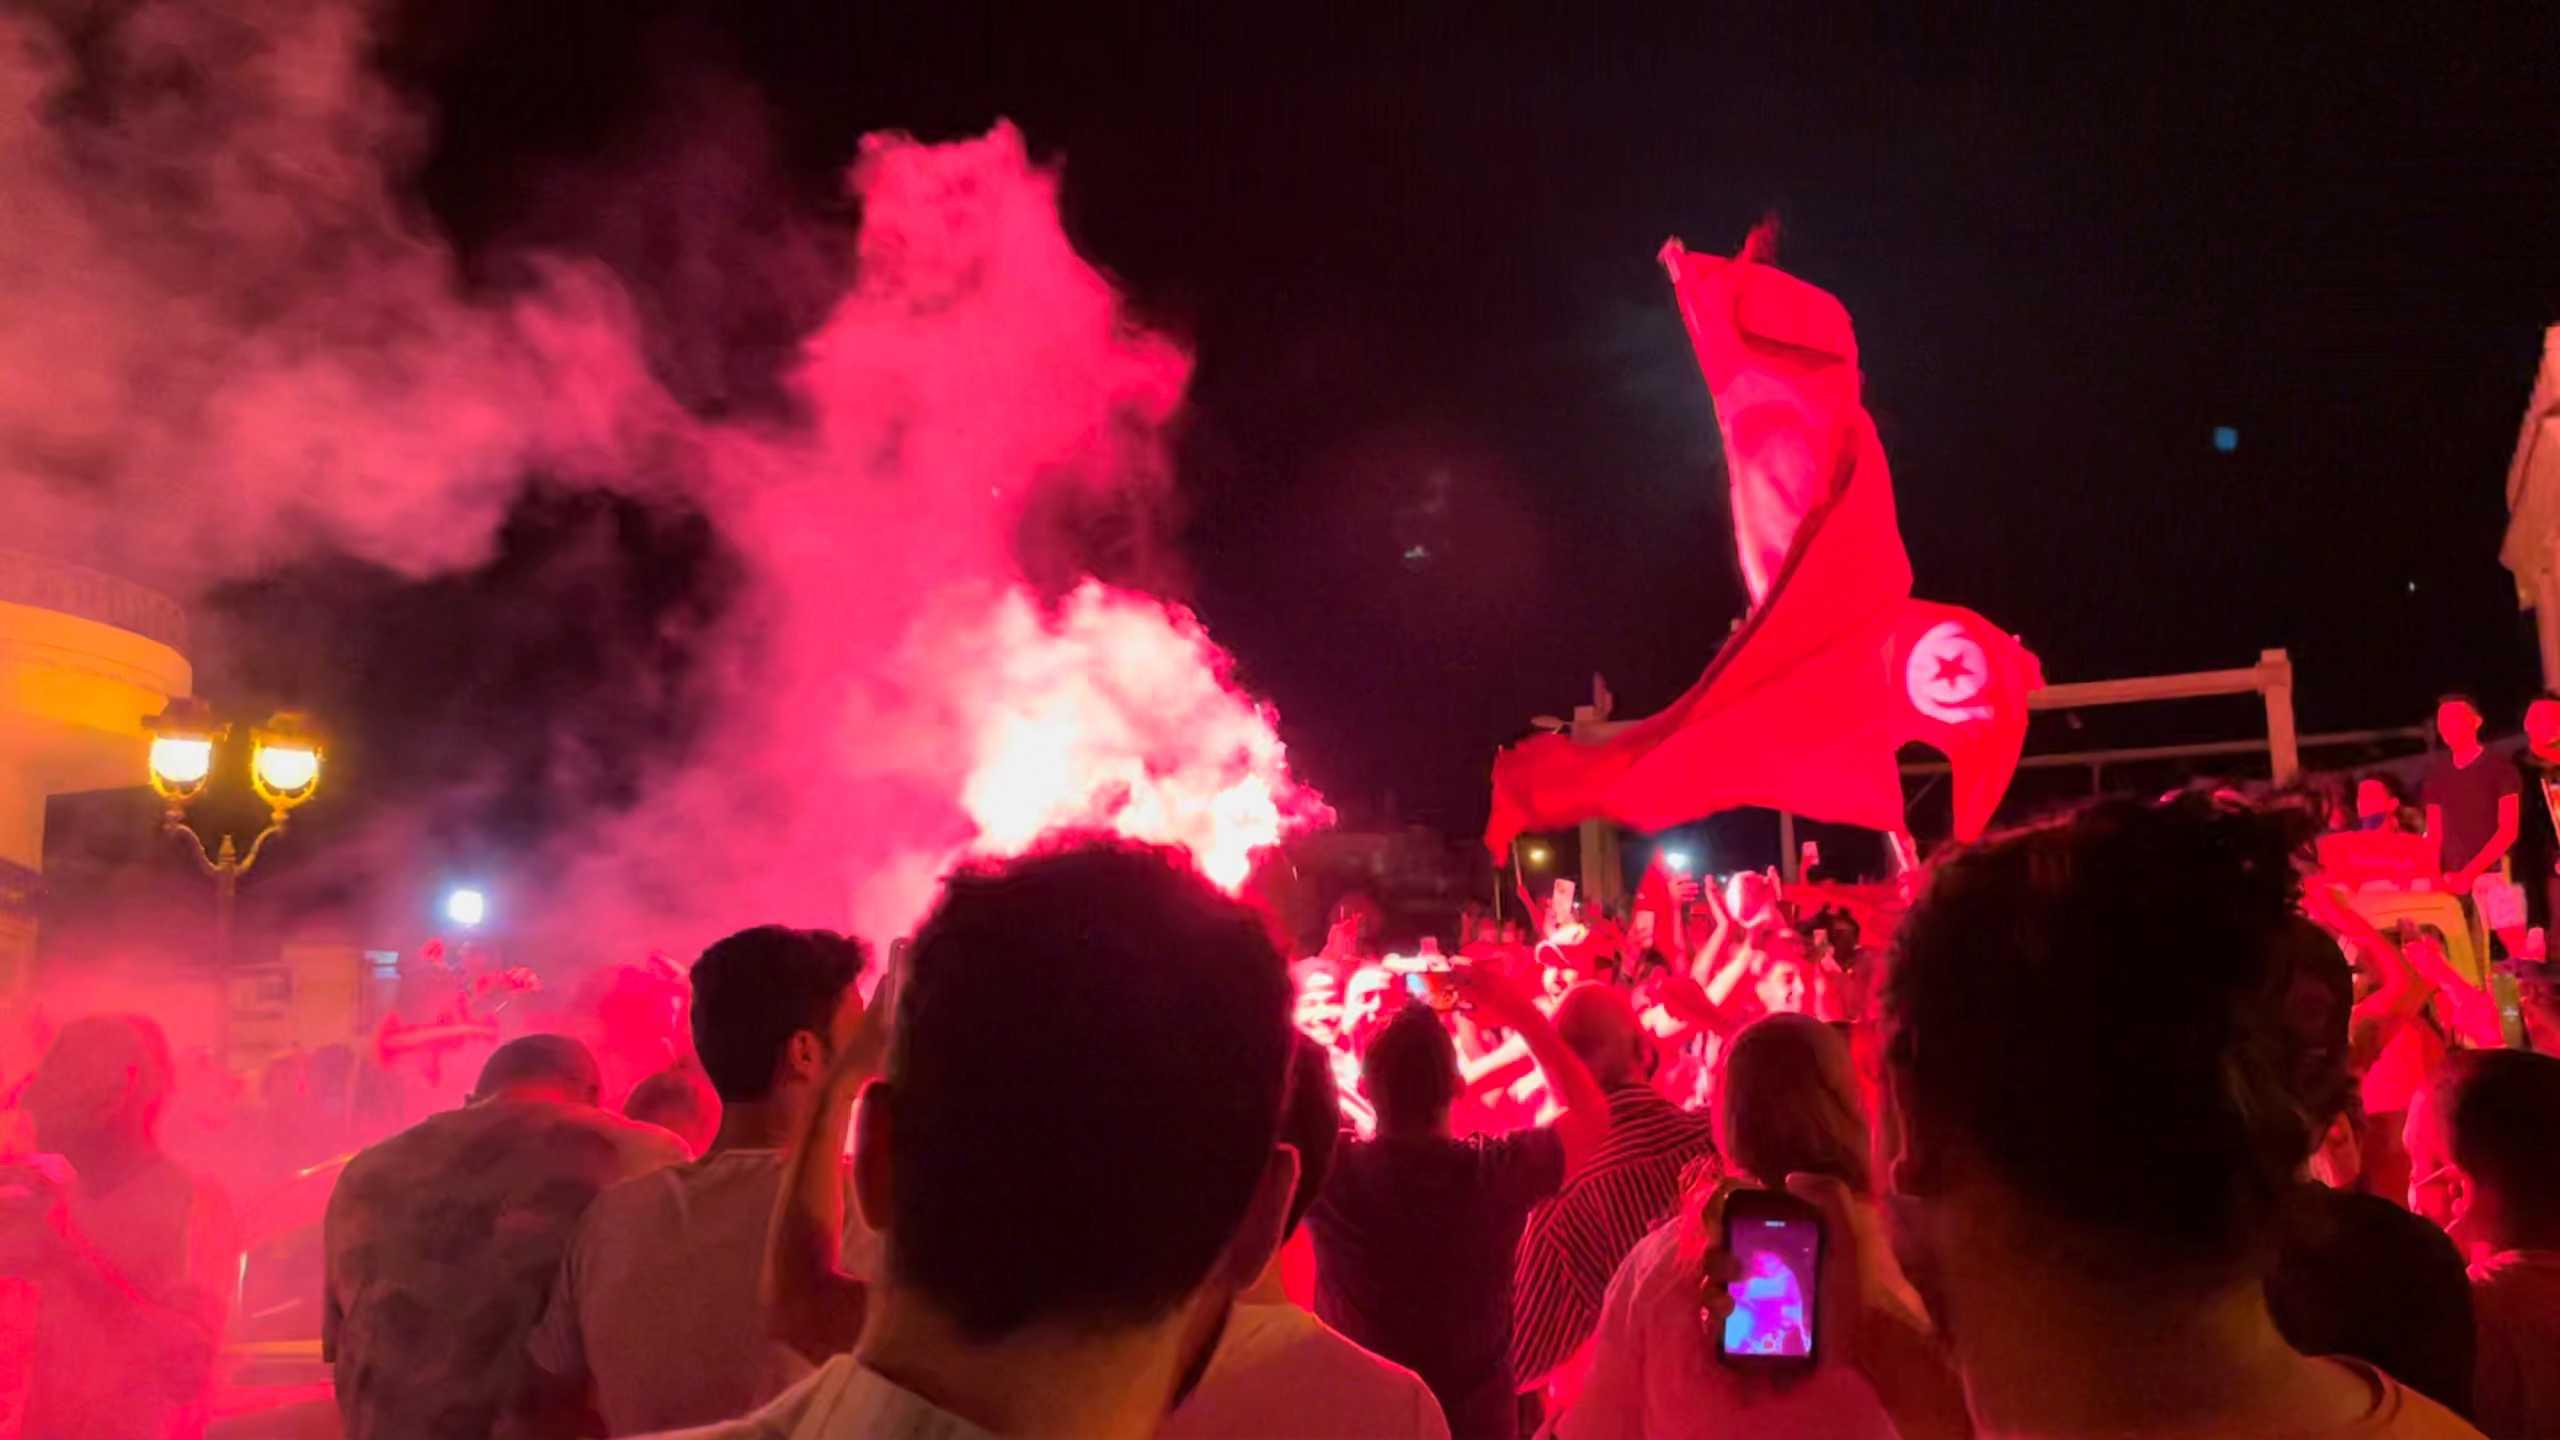 Τυνησία: Χάος στη χώρα! Ο πρόεδρος «τελείωσε» πρωθυπουργό και Βουλή